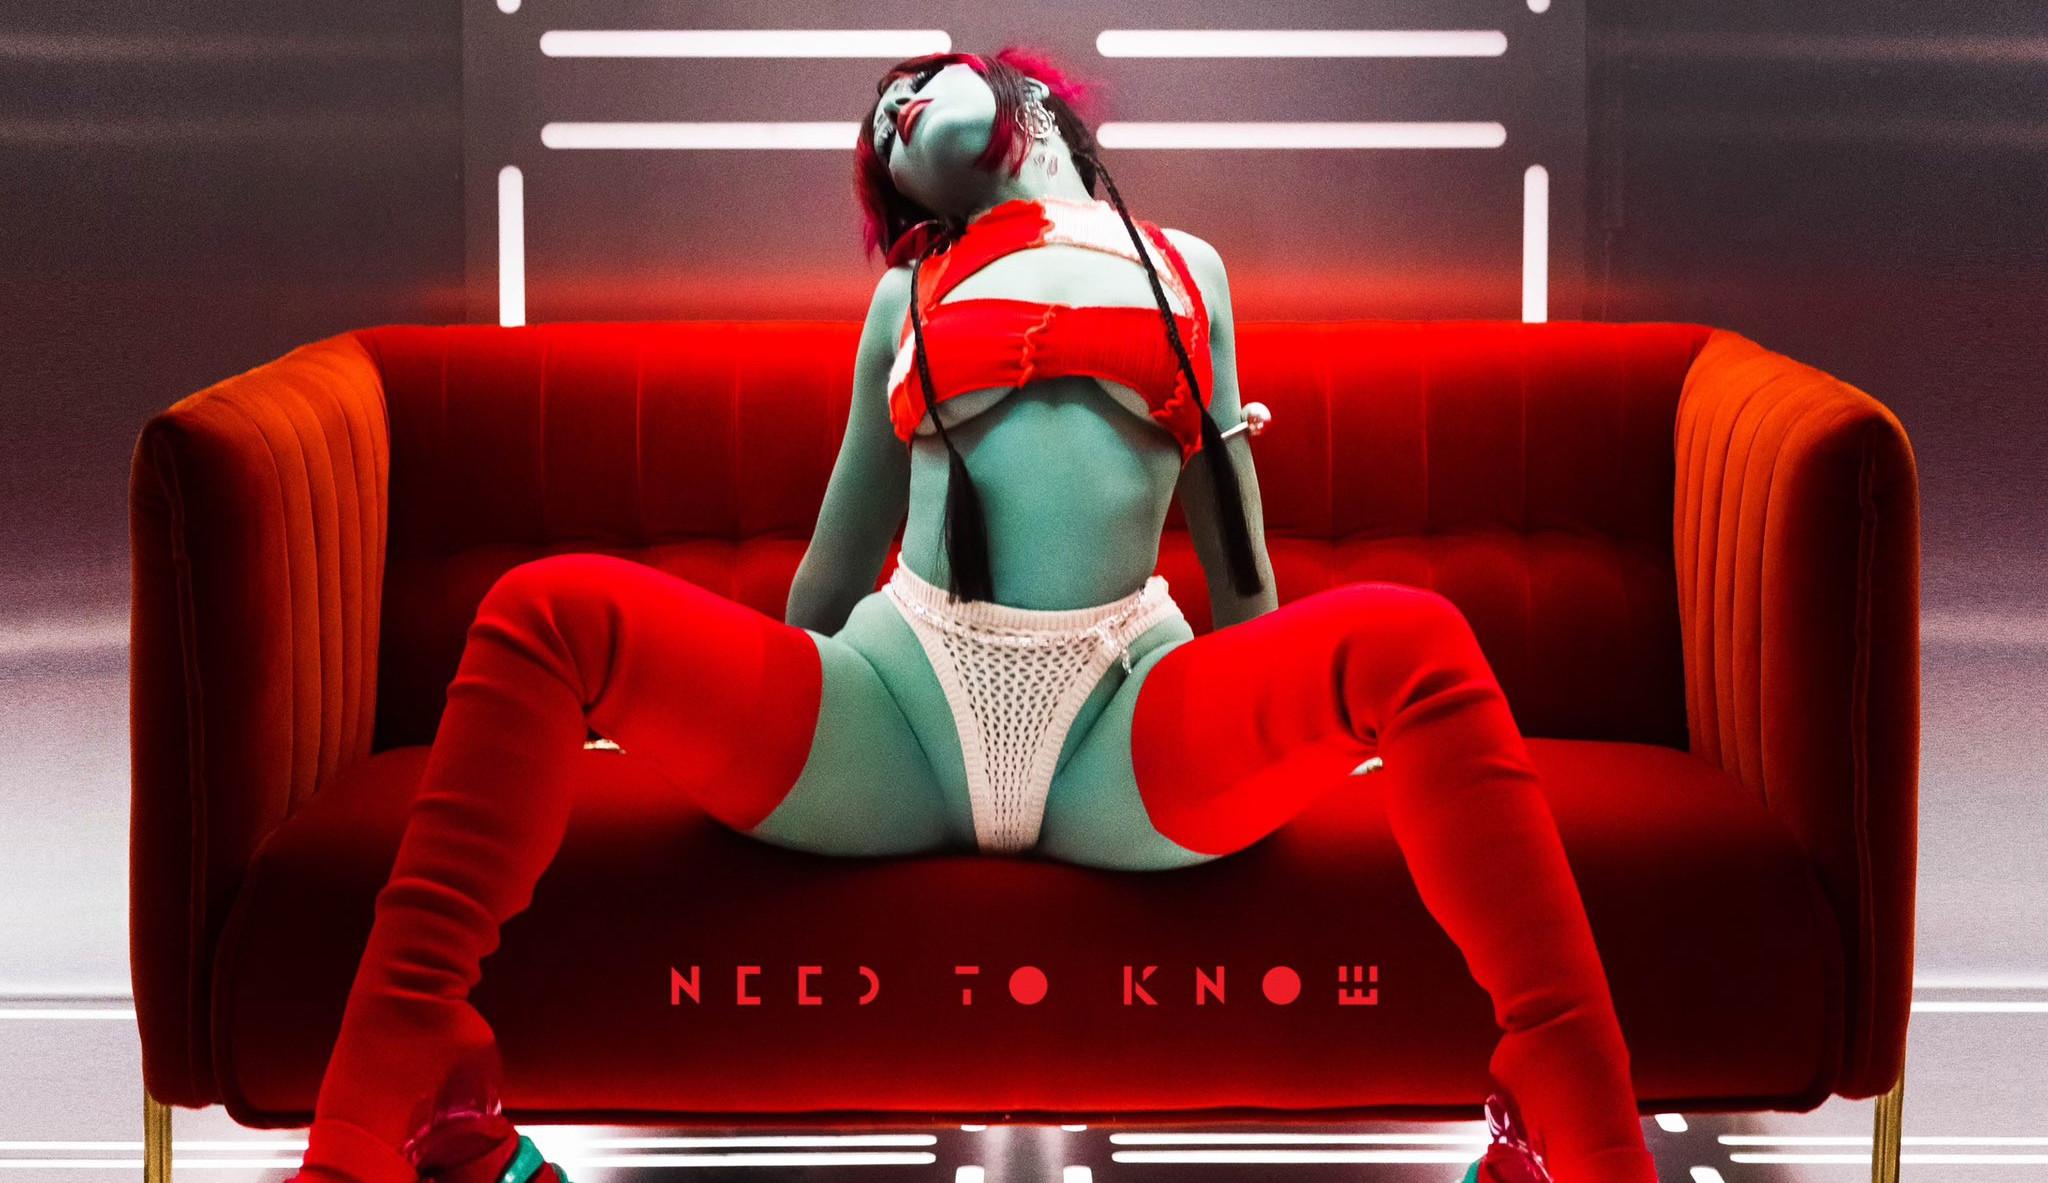 Doja Cat lança clipe de 'Need To Know', seu novo single de 'Planet Her'